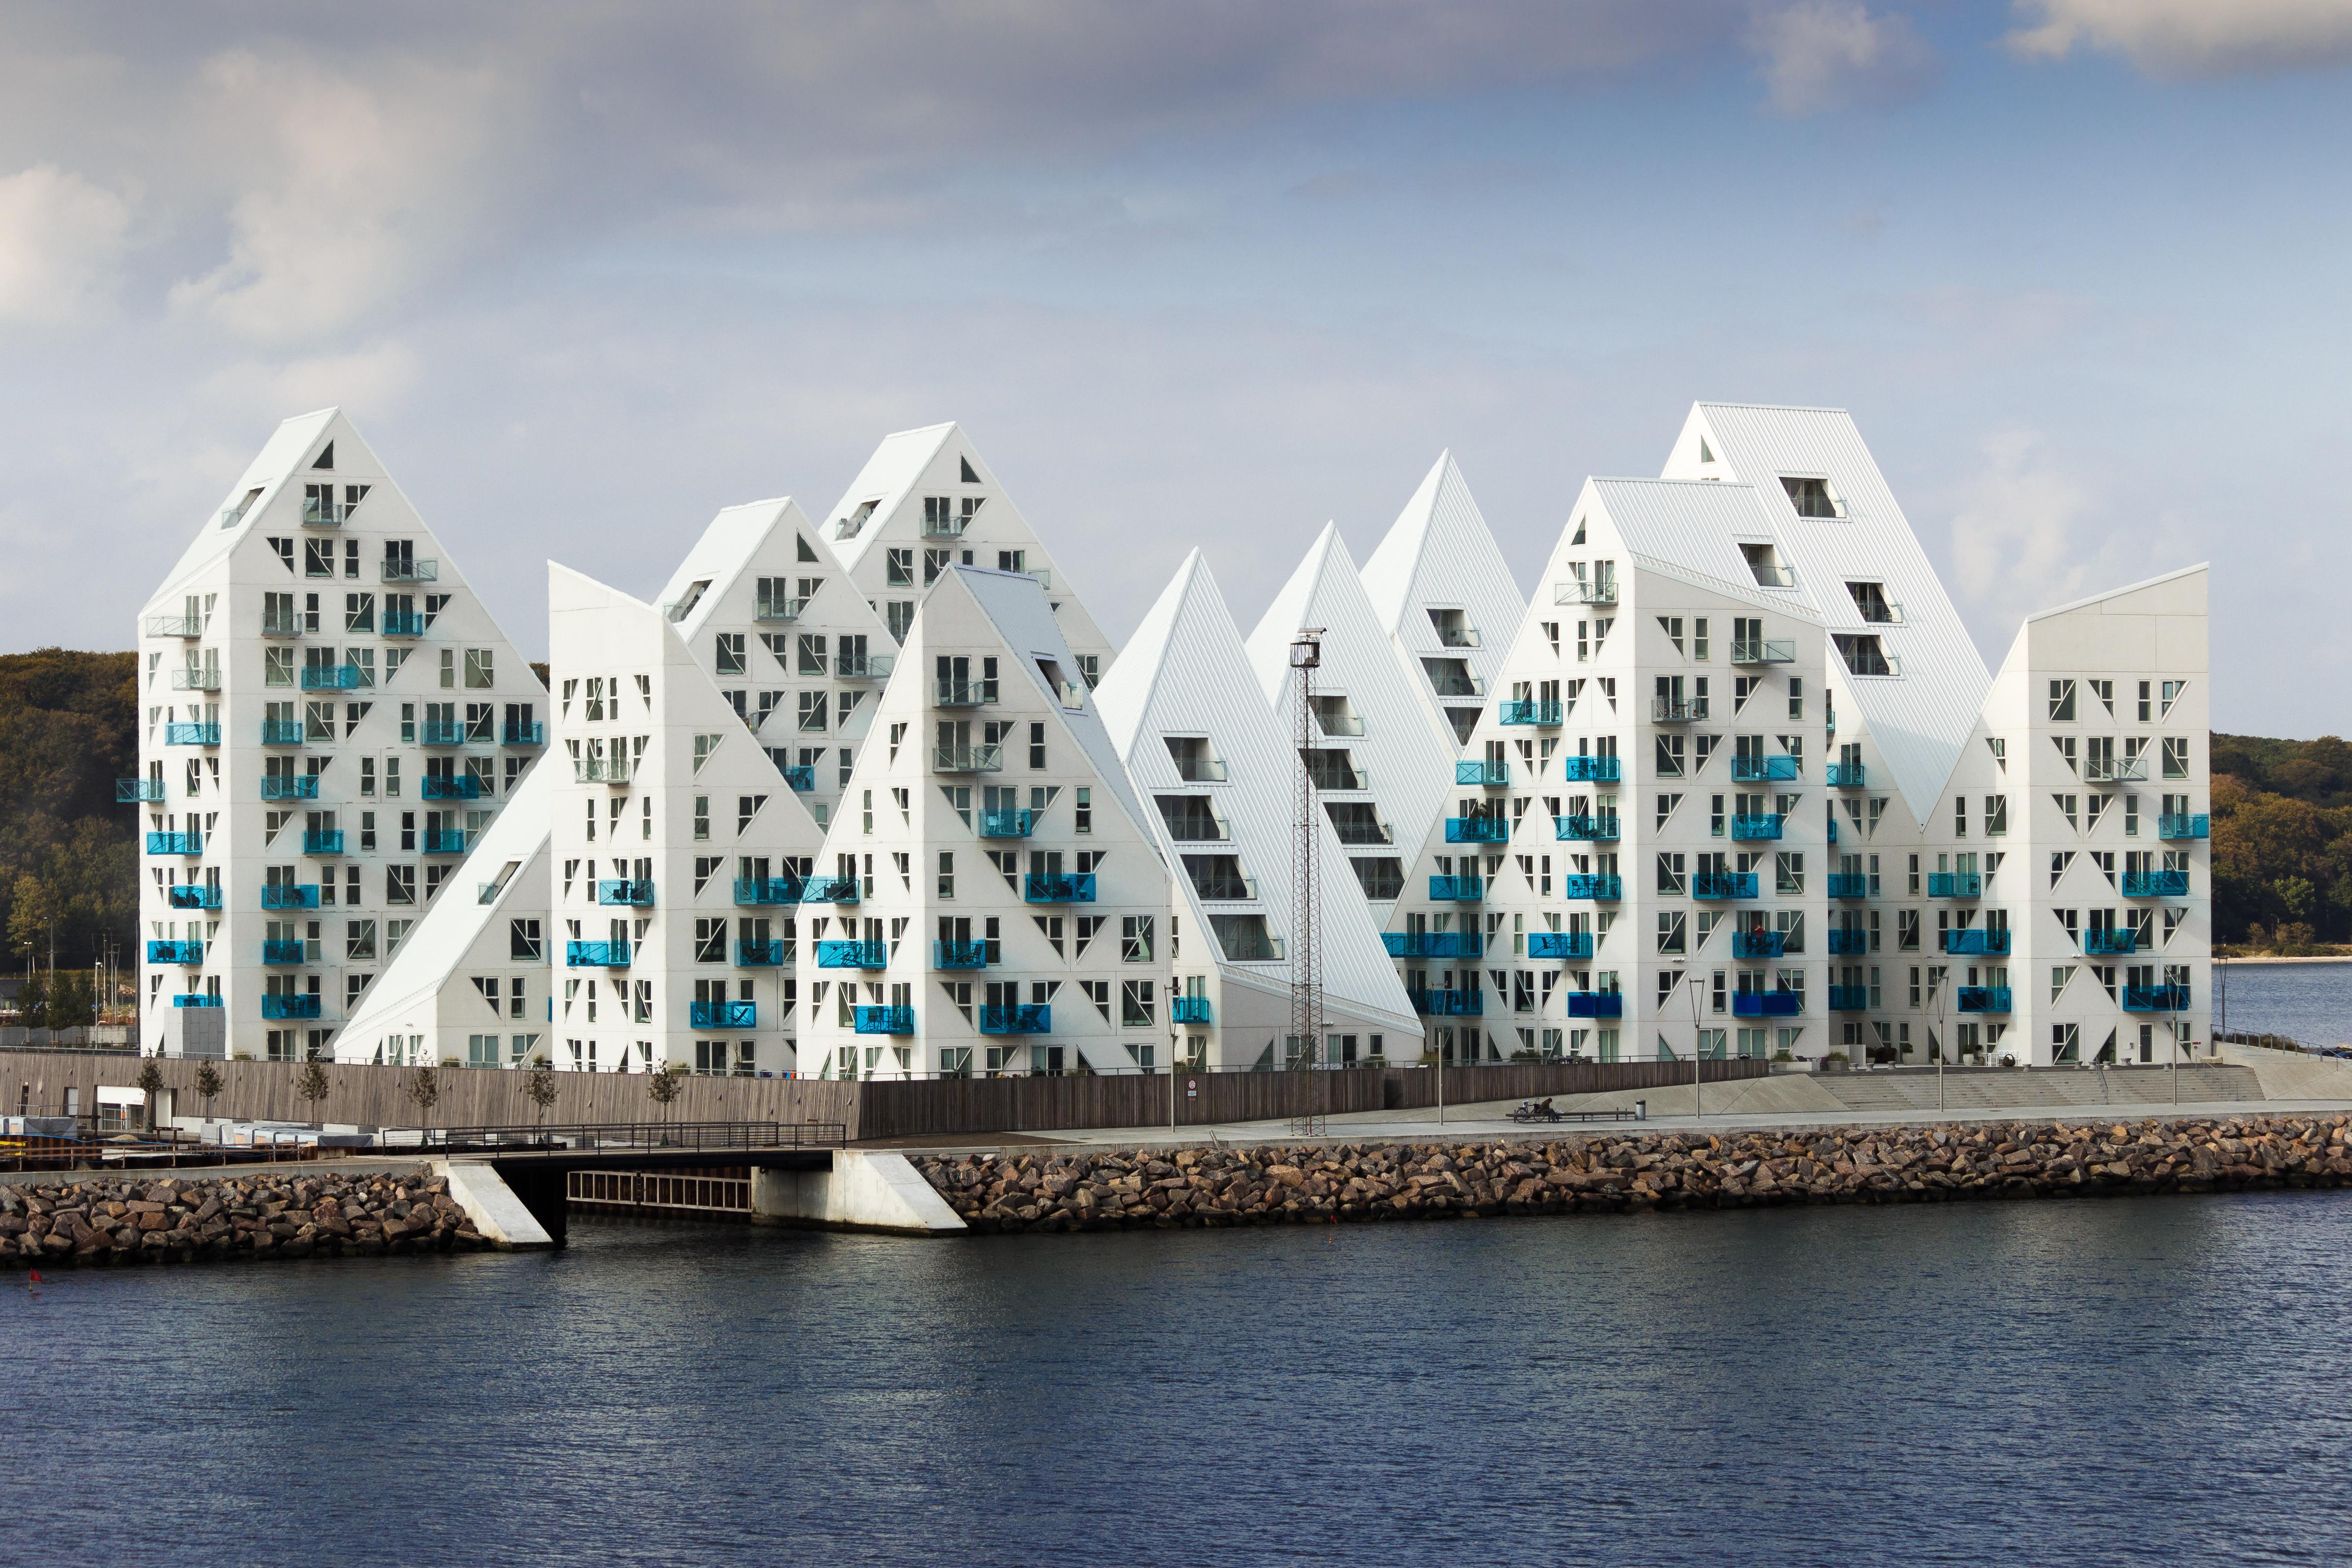 Isbjerget, czyli Góra Lodowa, to budynek mieszkalny znajdujący się w Aarhus